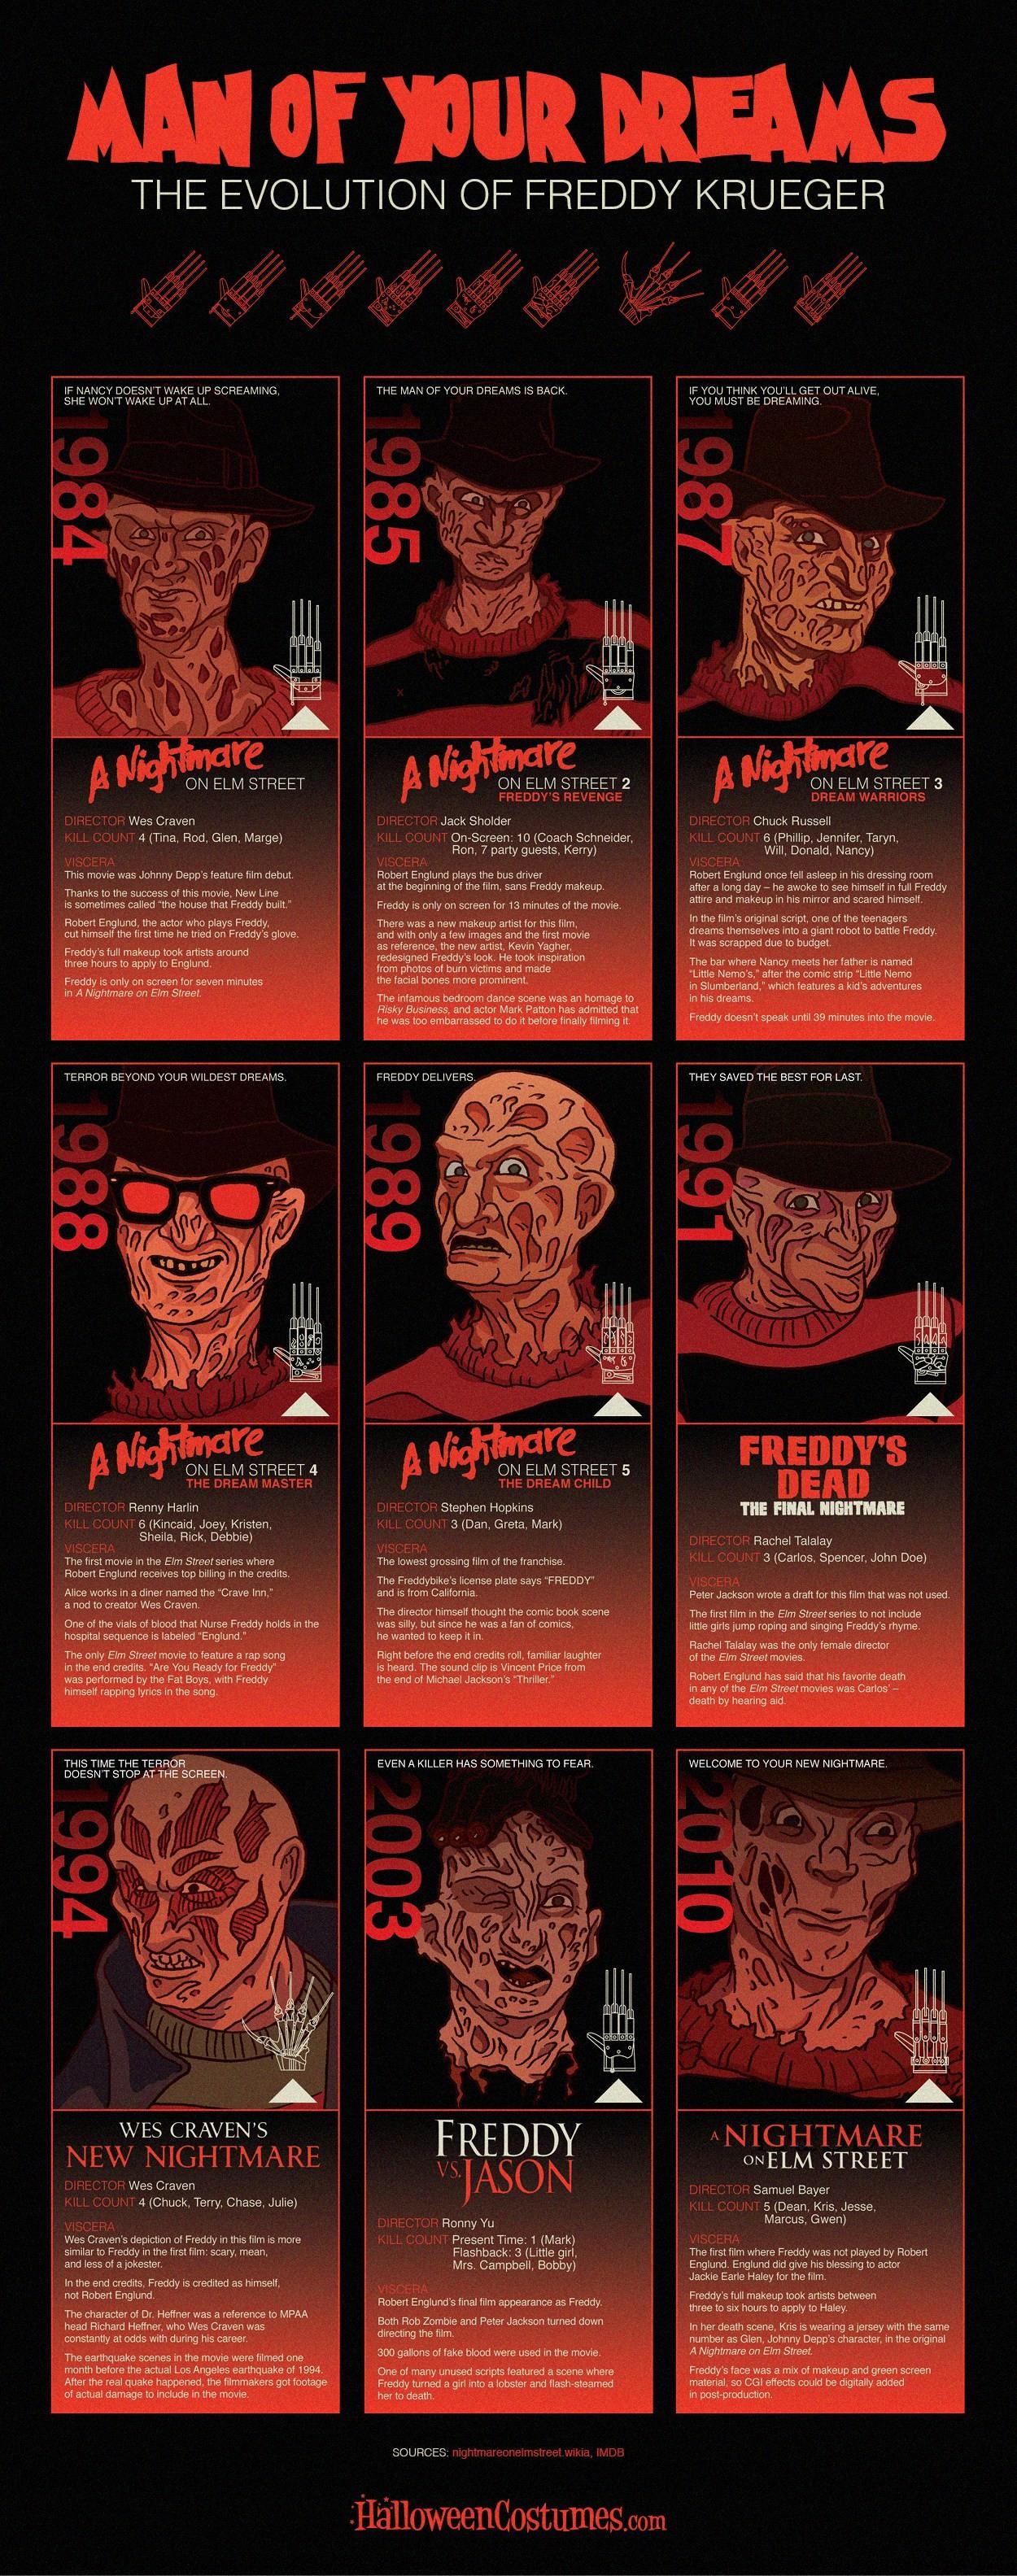 Freddy Krueger Wallpaper 2018 80 Images